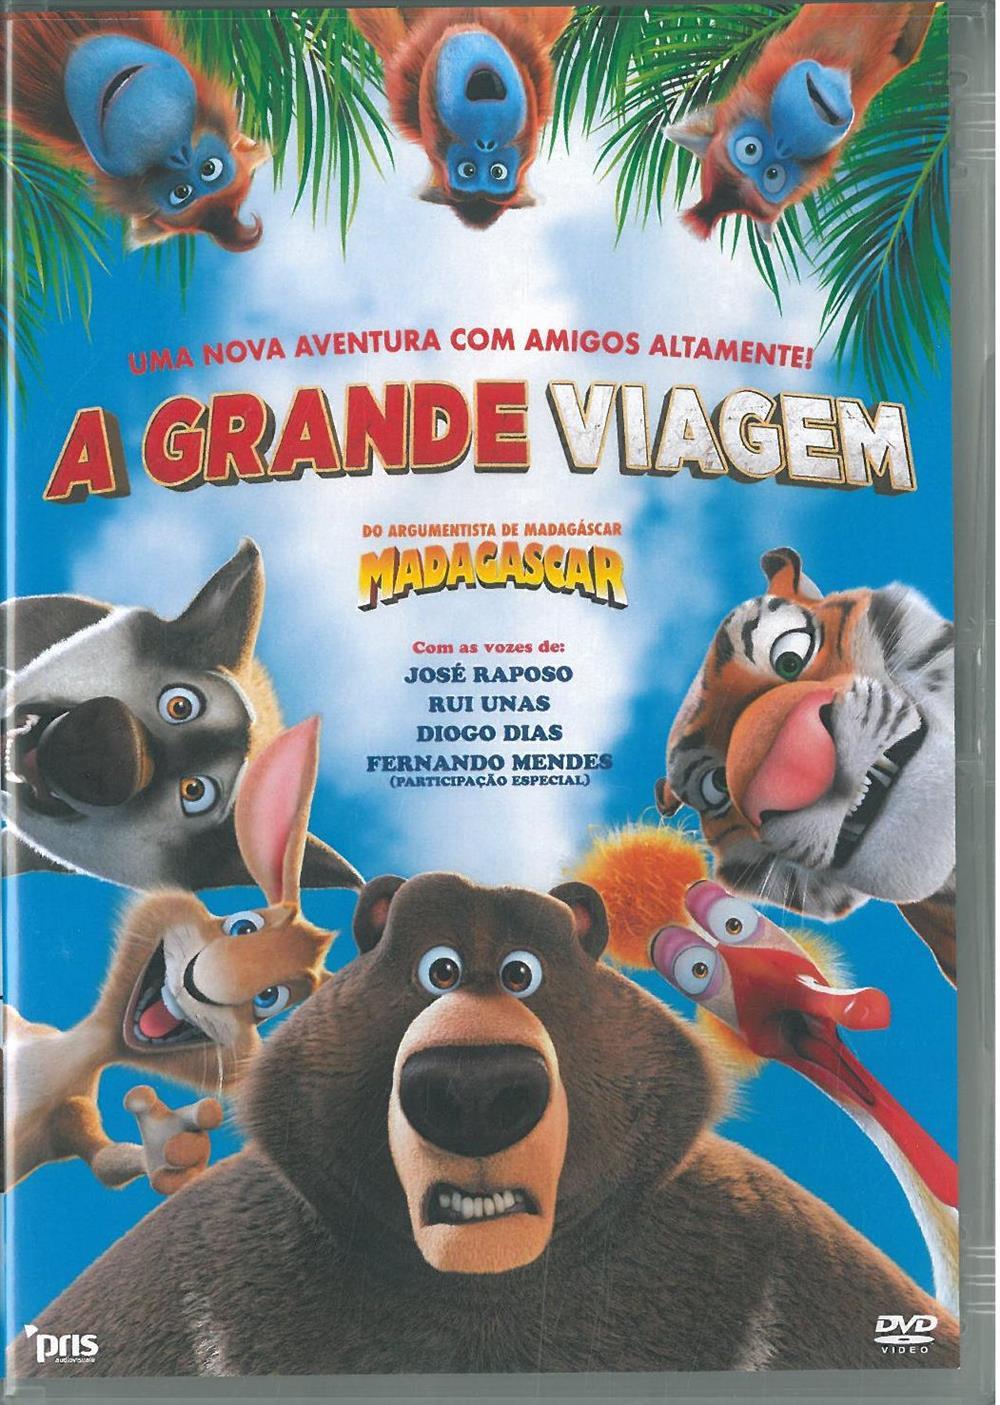 A grande viagem-DVD.jpg